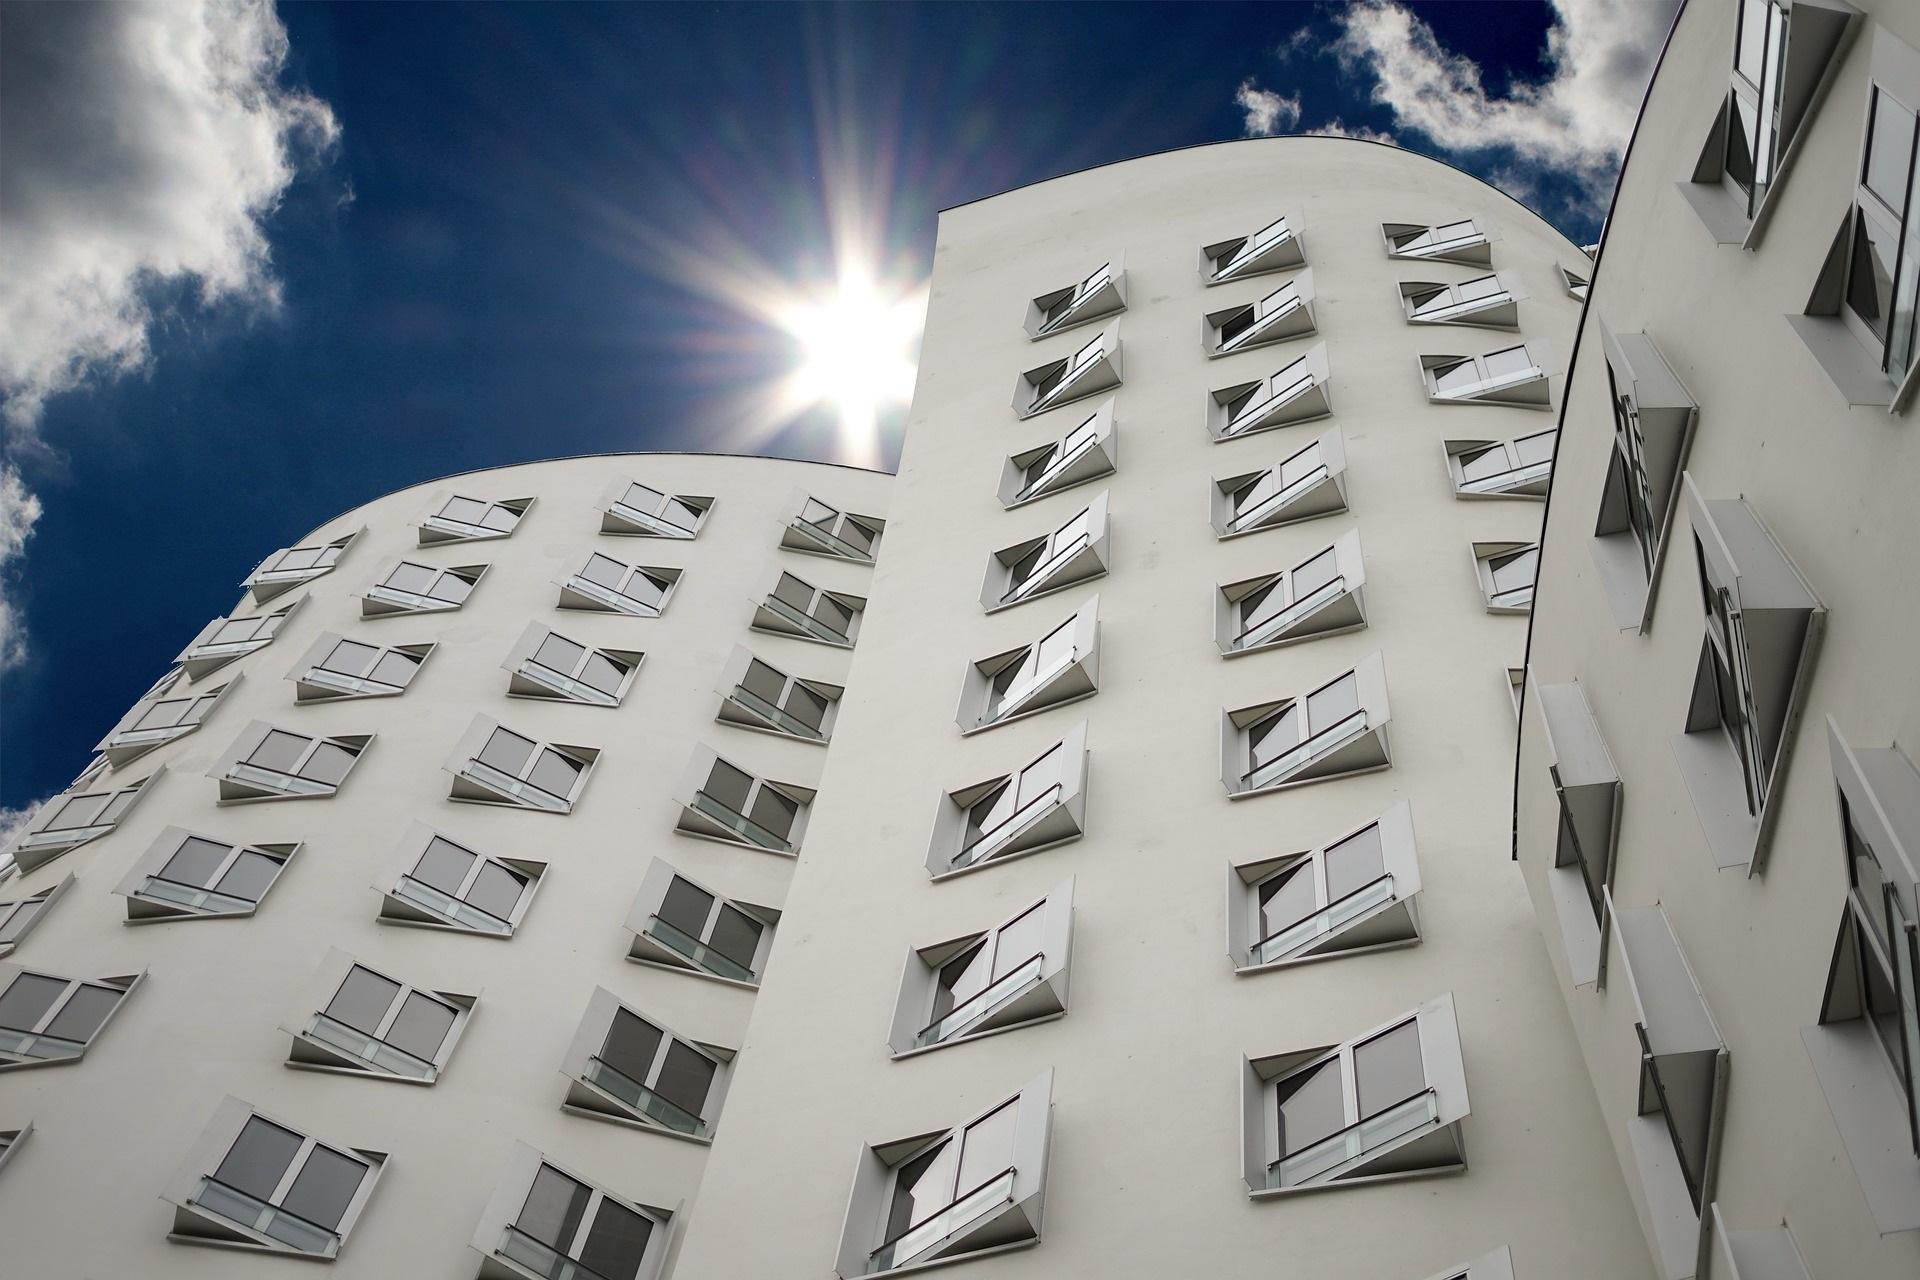 Architecture 2445148 1920